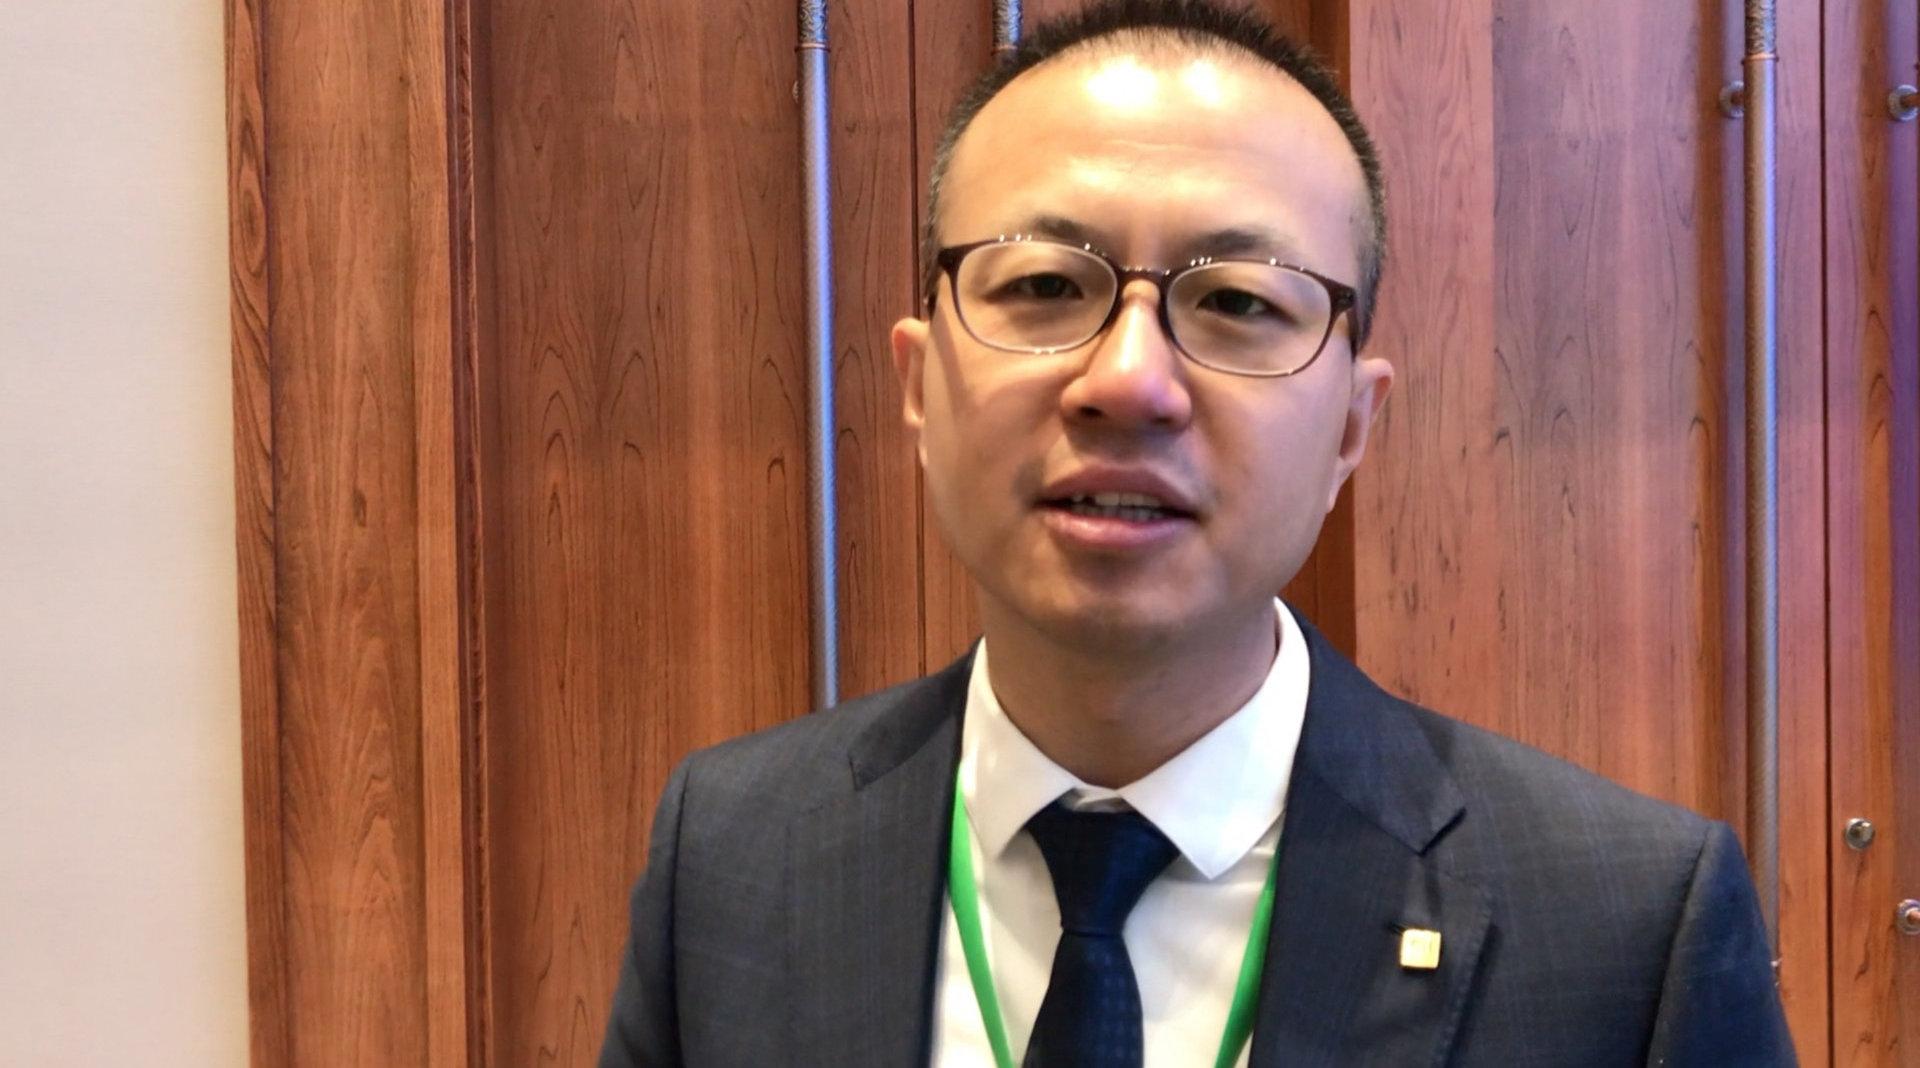 北京智米科技CEO苏峻:回归商业本质需要静下心来